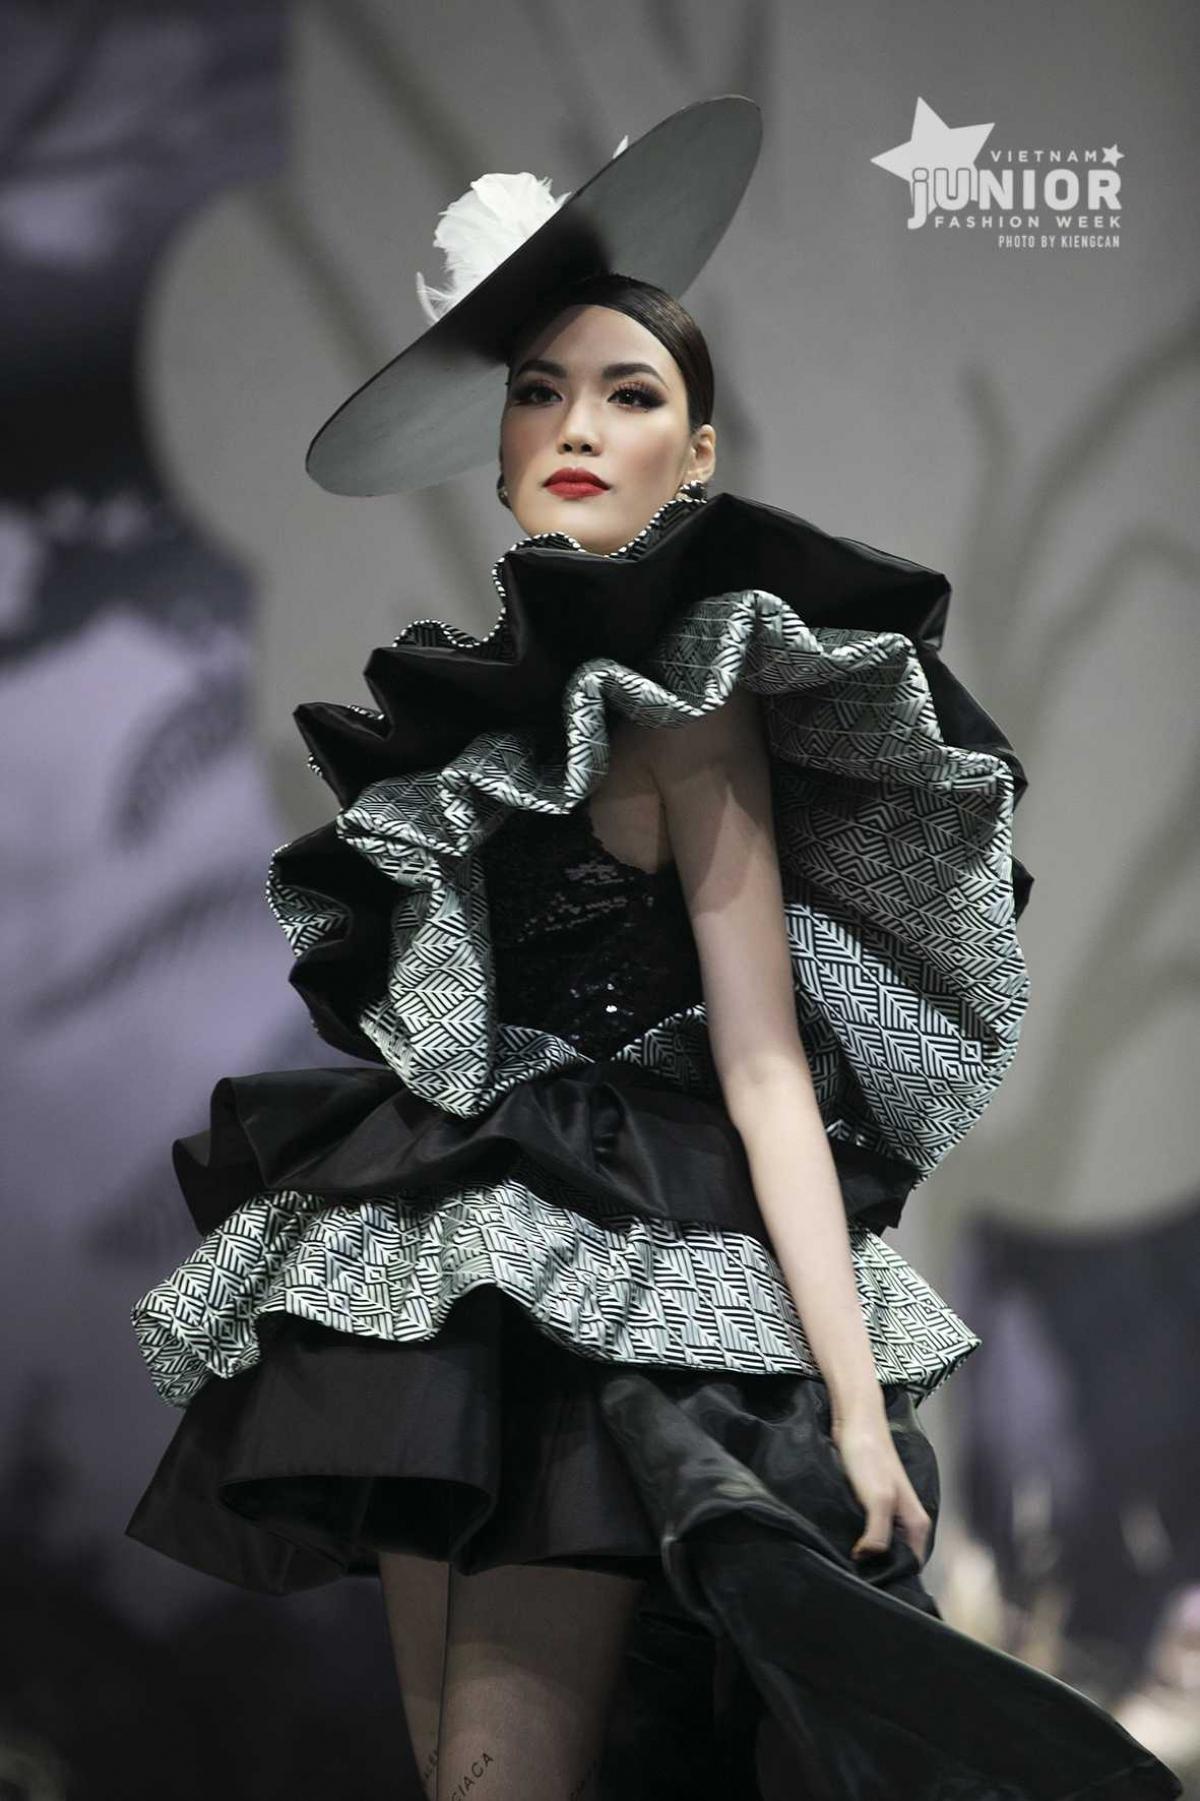 Trên sàn diễn thời trang trong show của Tạ Linh Nhân, Lan Khuê tỏa sáng rạng ngời, cùng các mẫu nhí như Nguyễn Suri (vedette), Vũ Ngọc Trọng Phương, Nguyễn Quỳnh Anh (first-face).